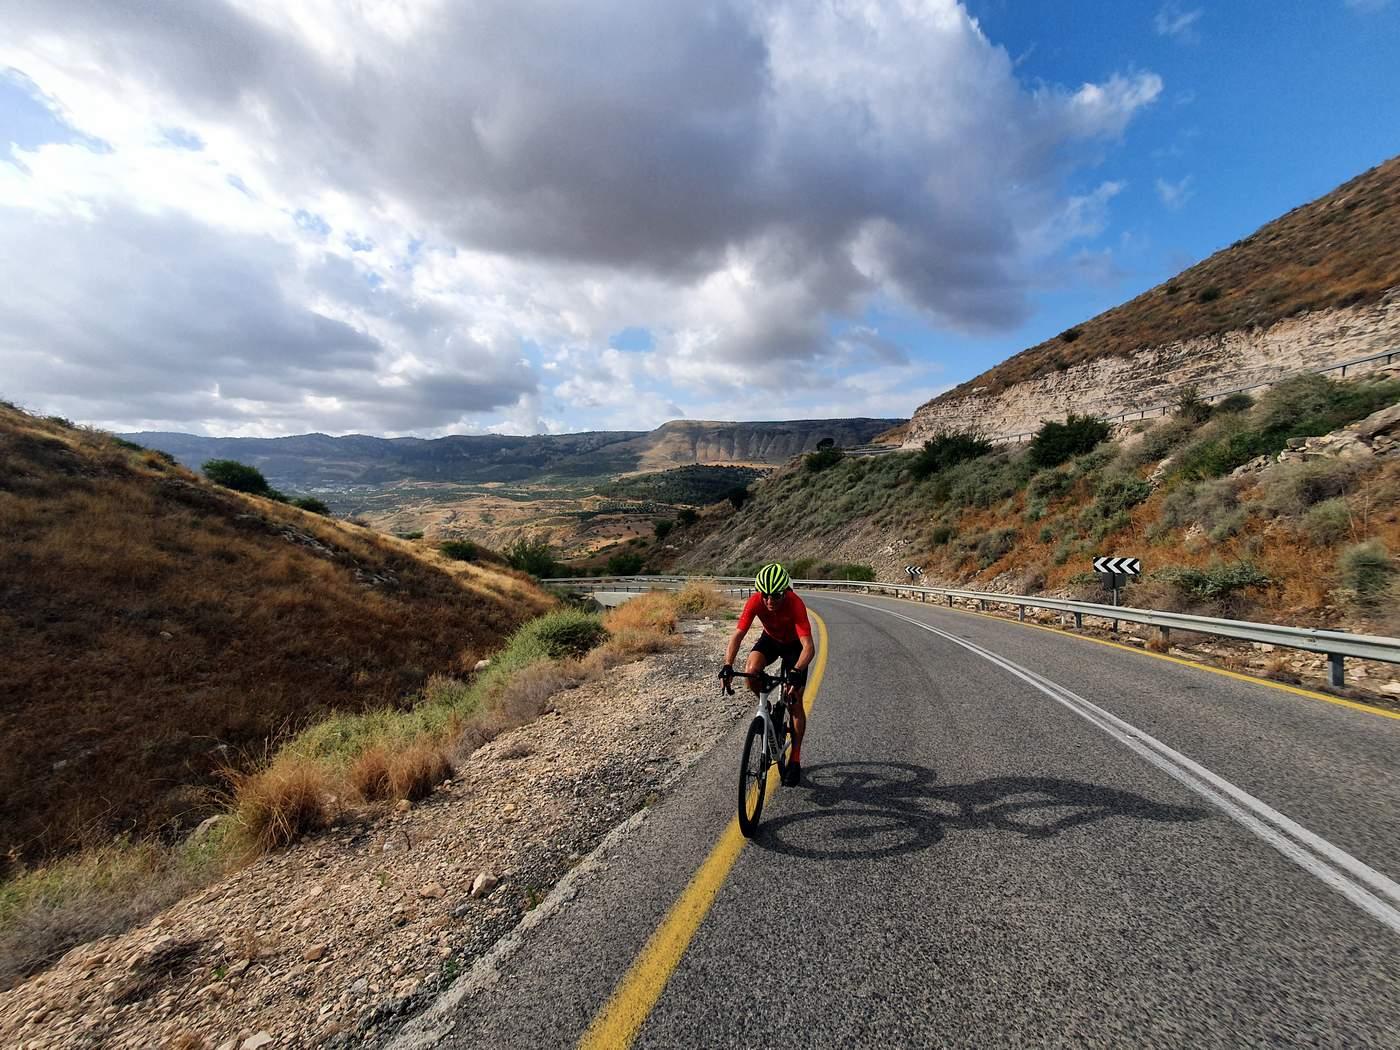 אופני כביש מבוא חמה